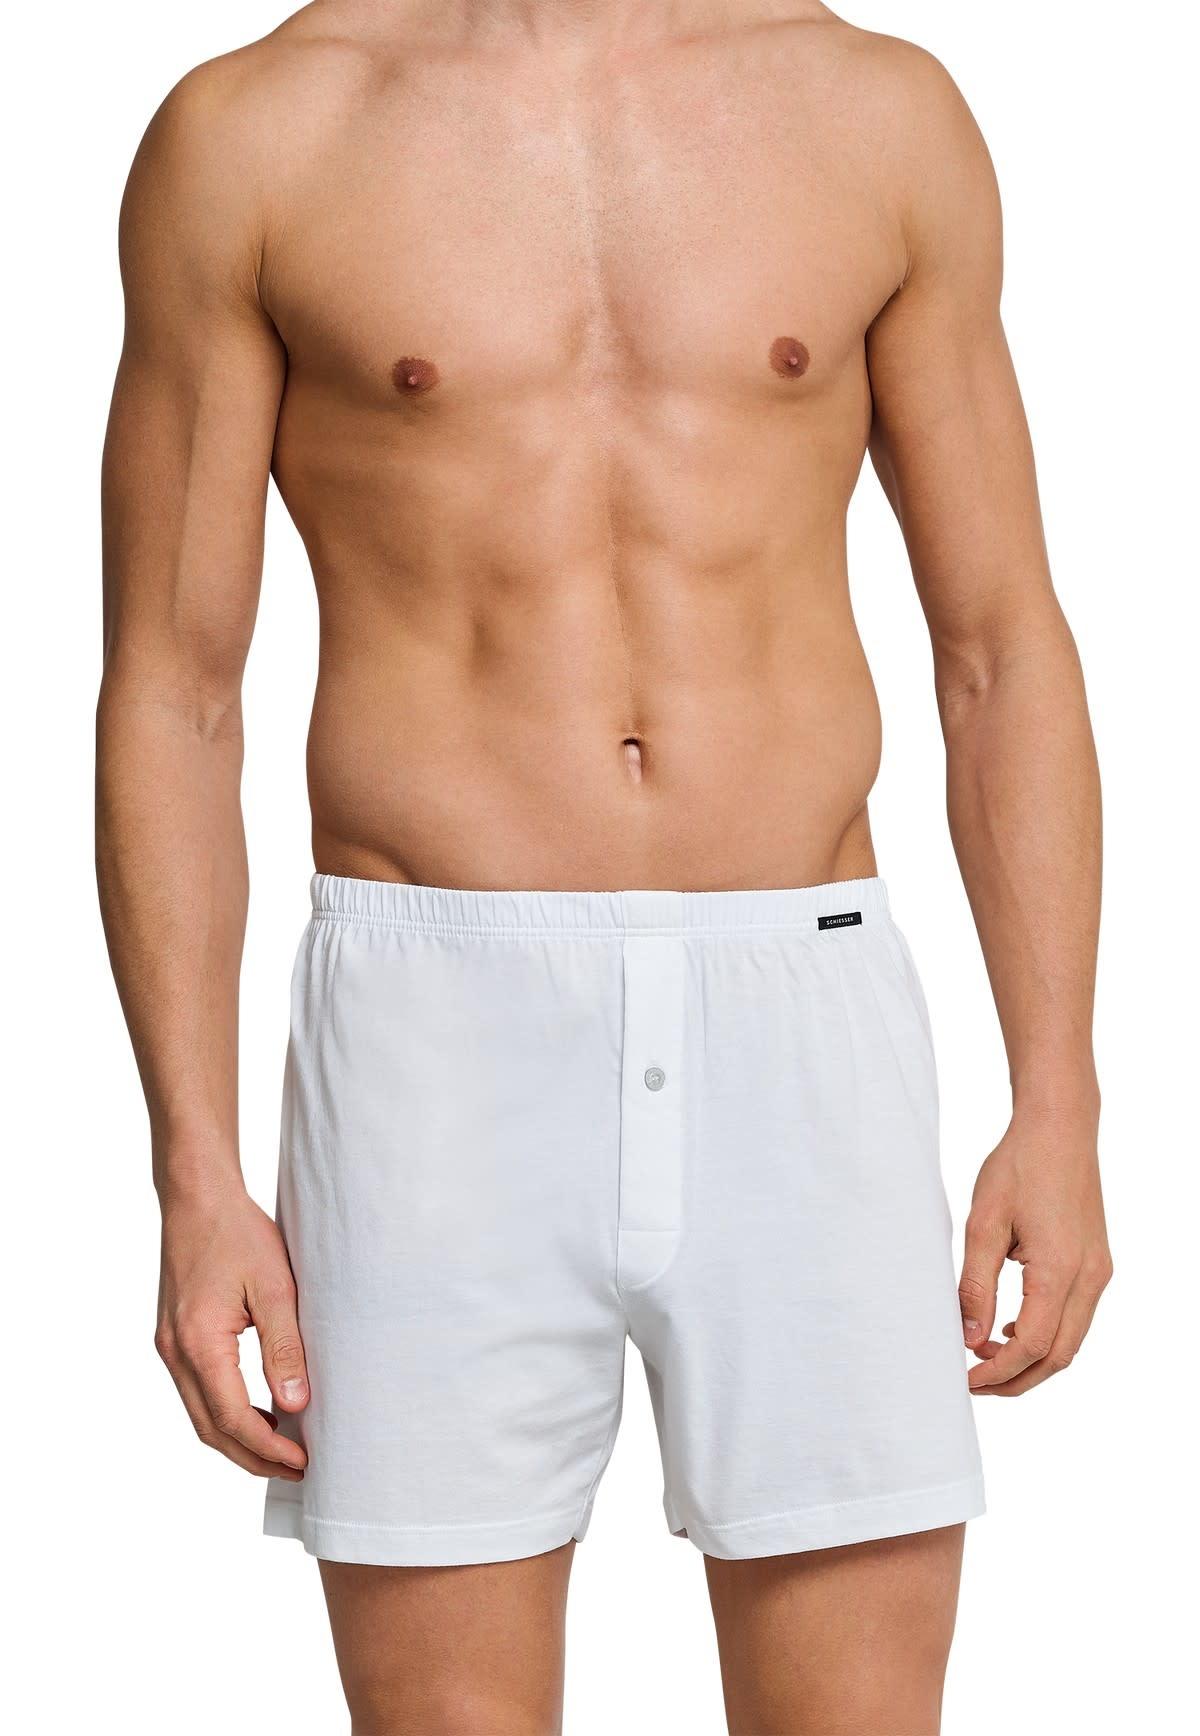 Boxershort wit - 110291-1